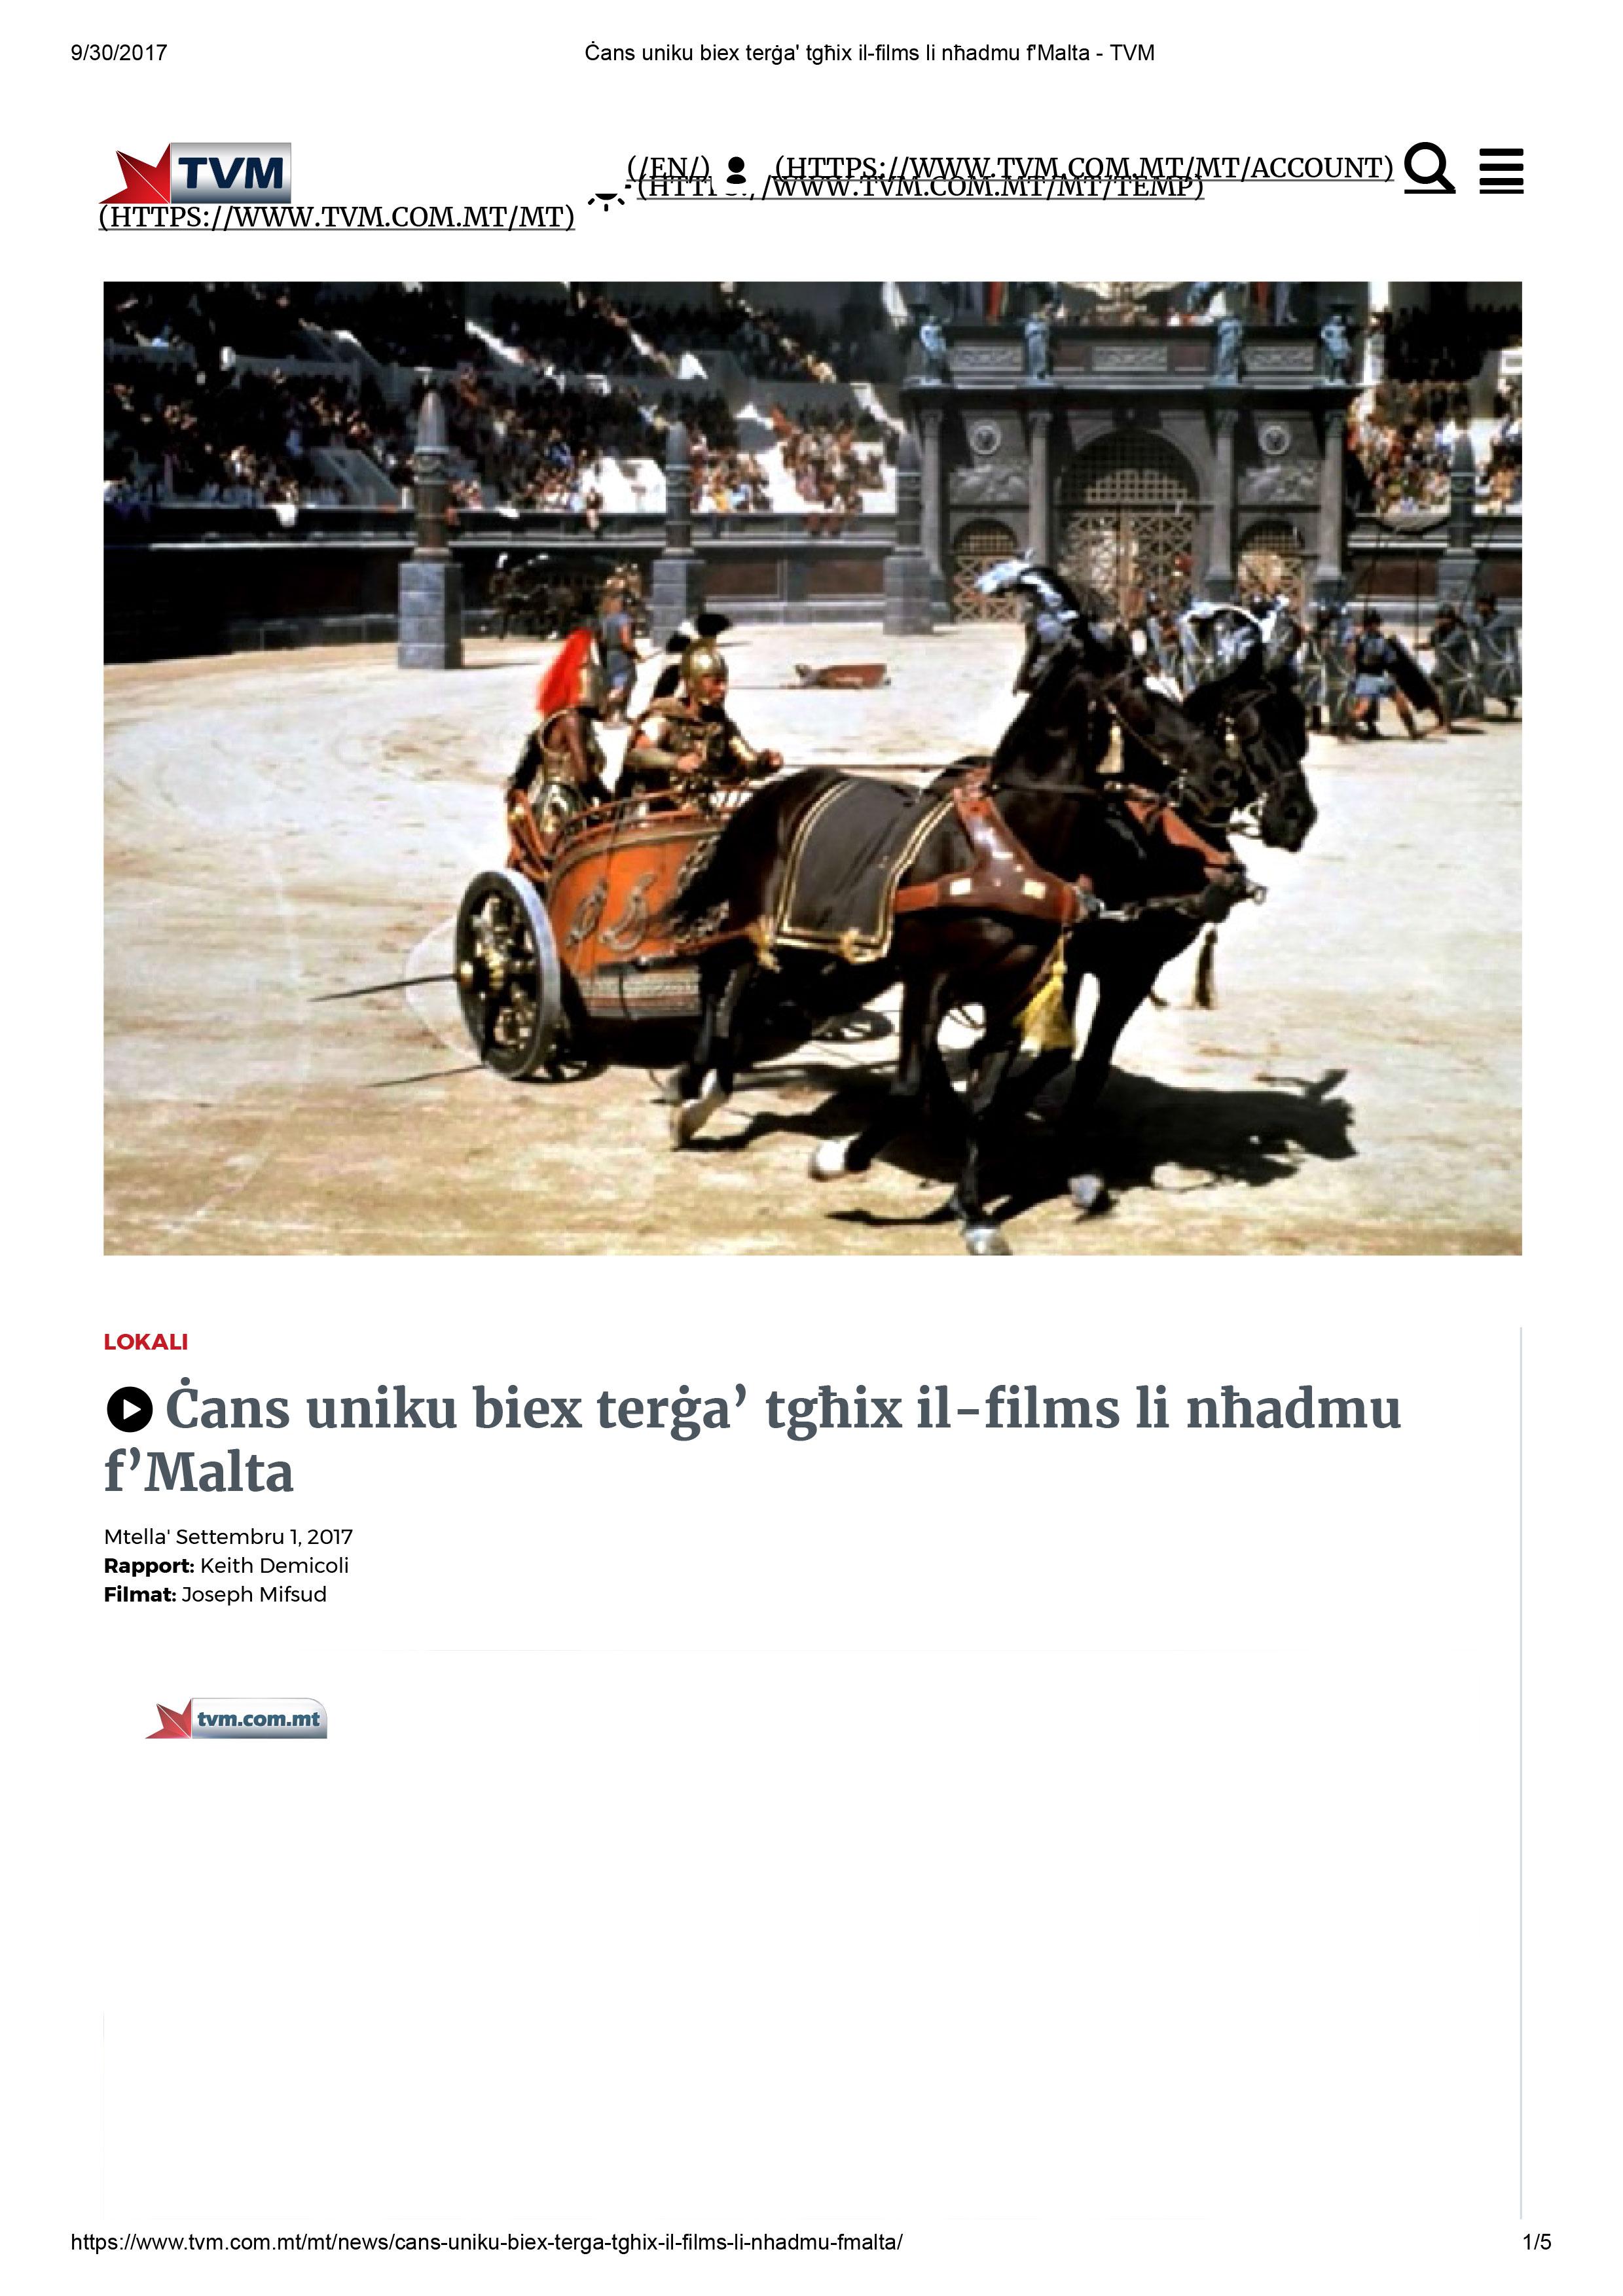 Ċans-uniku-biex-terġa'-tgħix-il-films-li-nħadmu-f'Malta---TVM-1